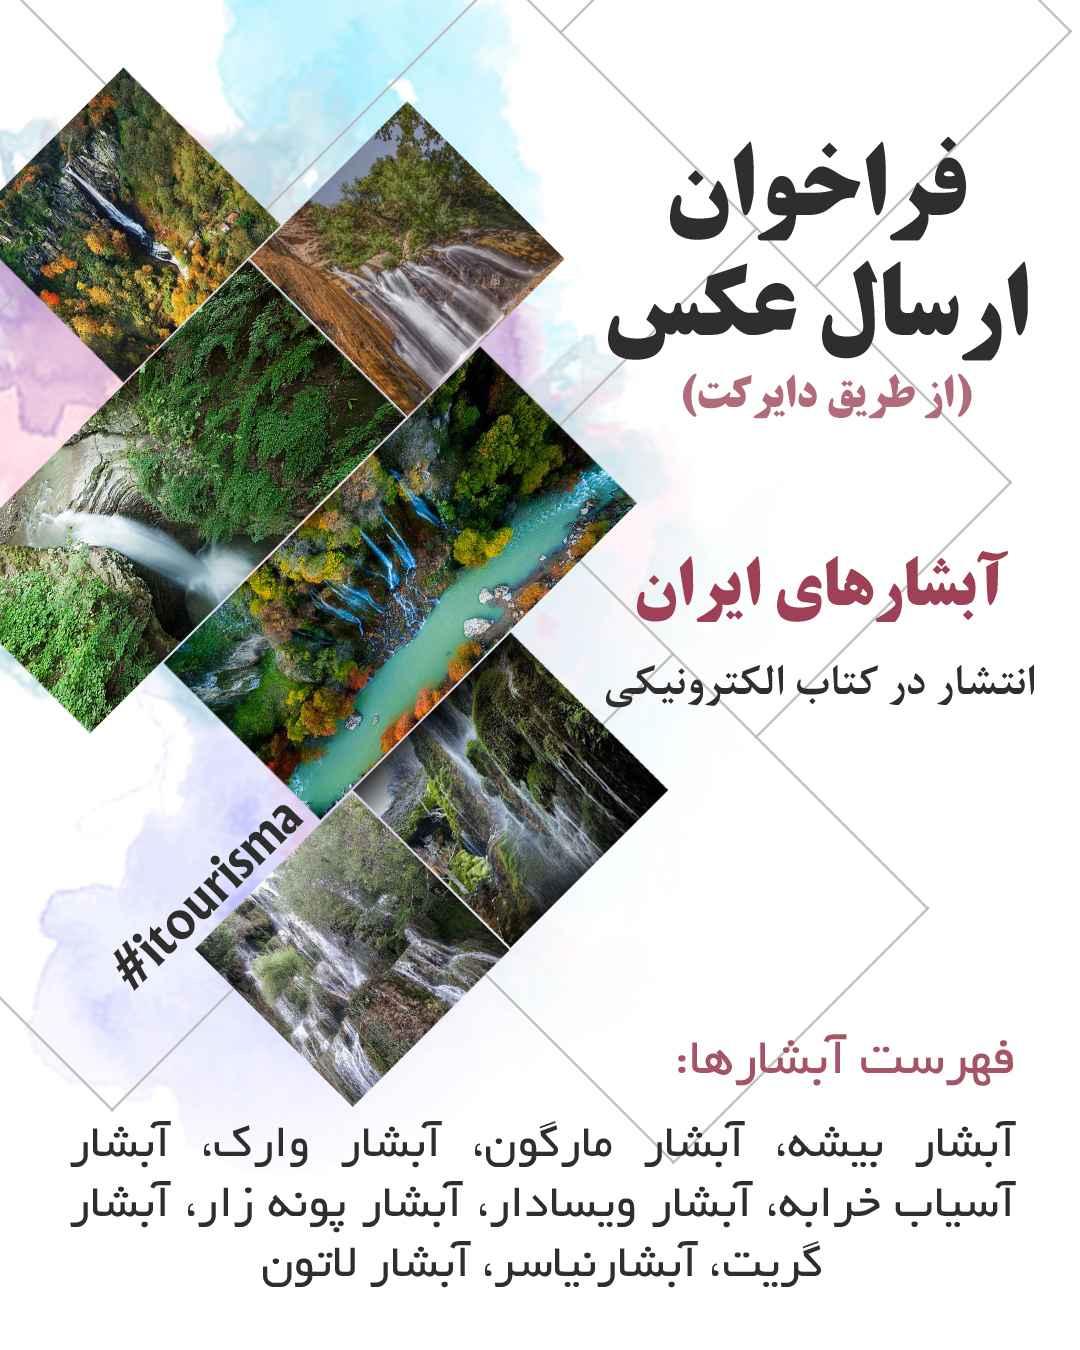 فراخوان ارسال عکس با موضوع آبشارهای ایران